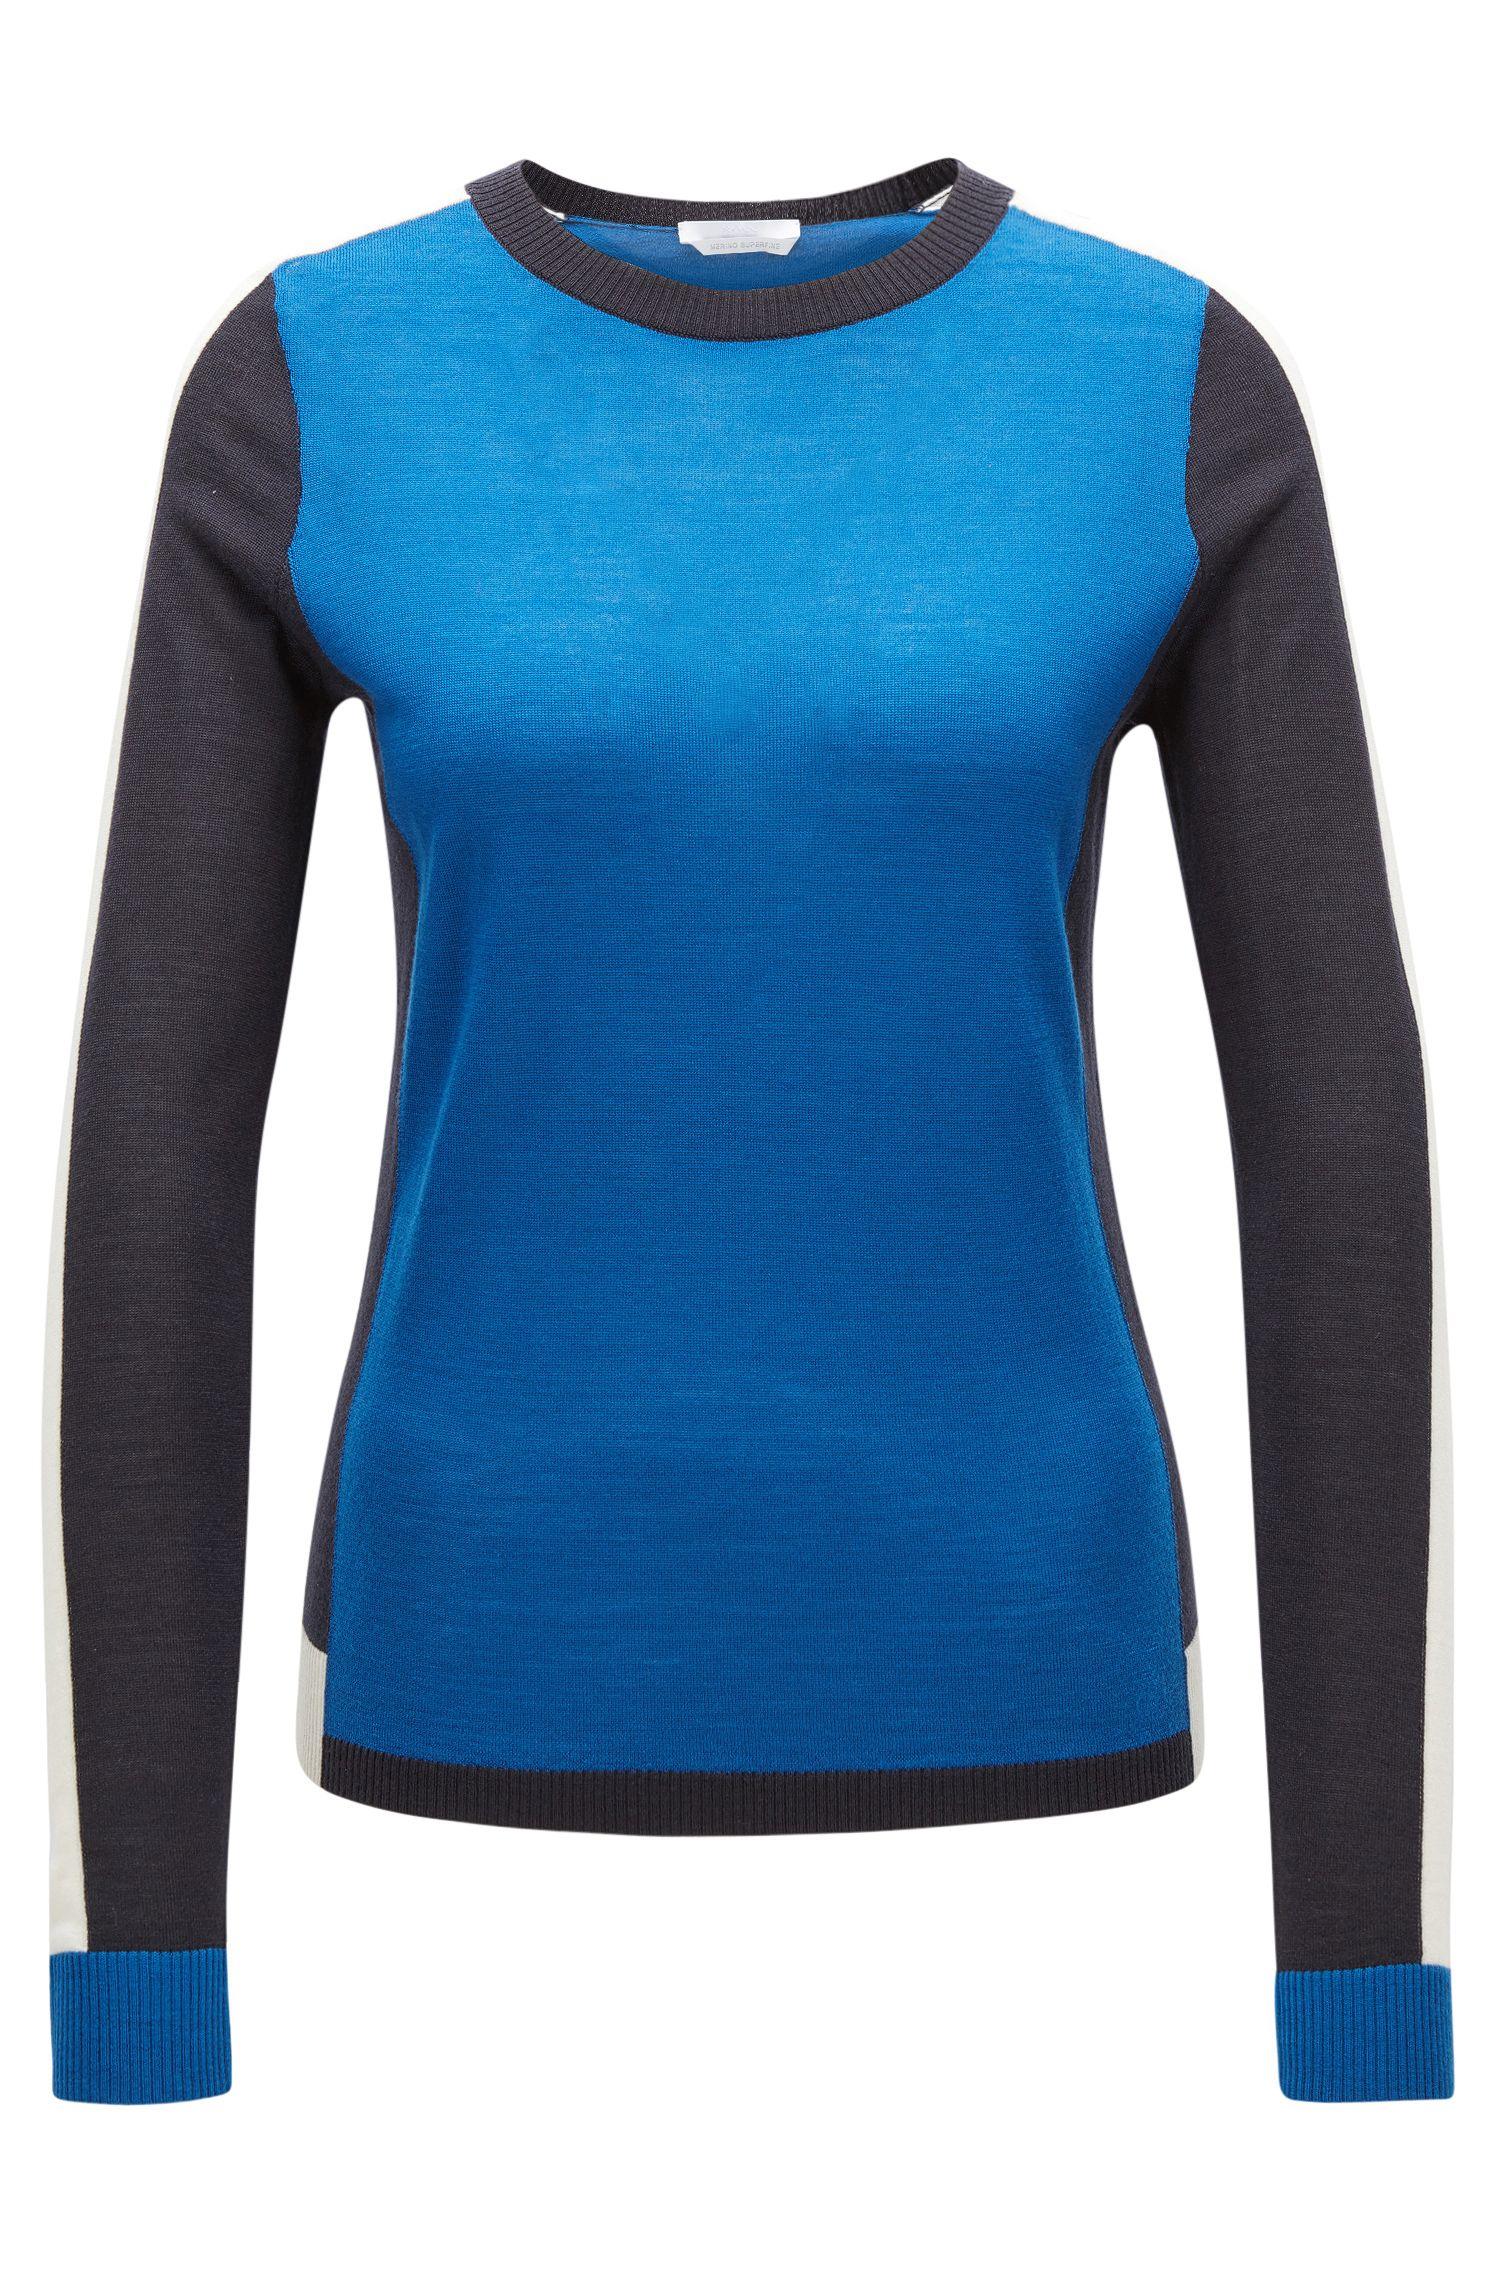 Colorblocked Virgin Wool Sweater | Ferda, Patterned